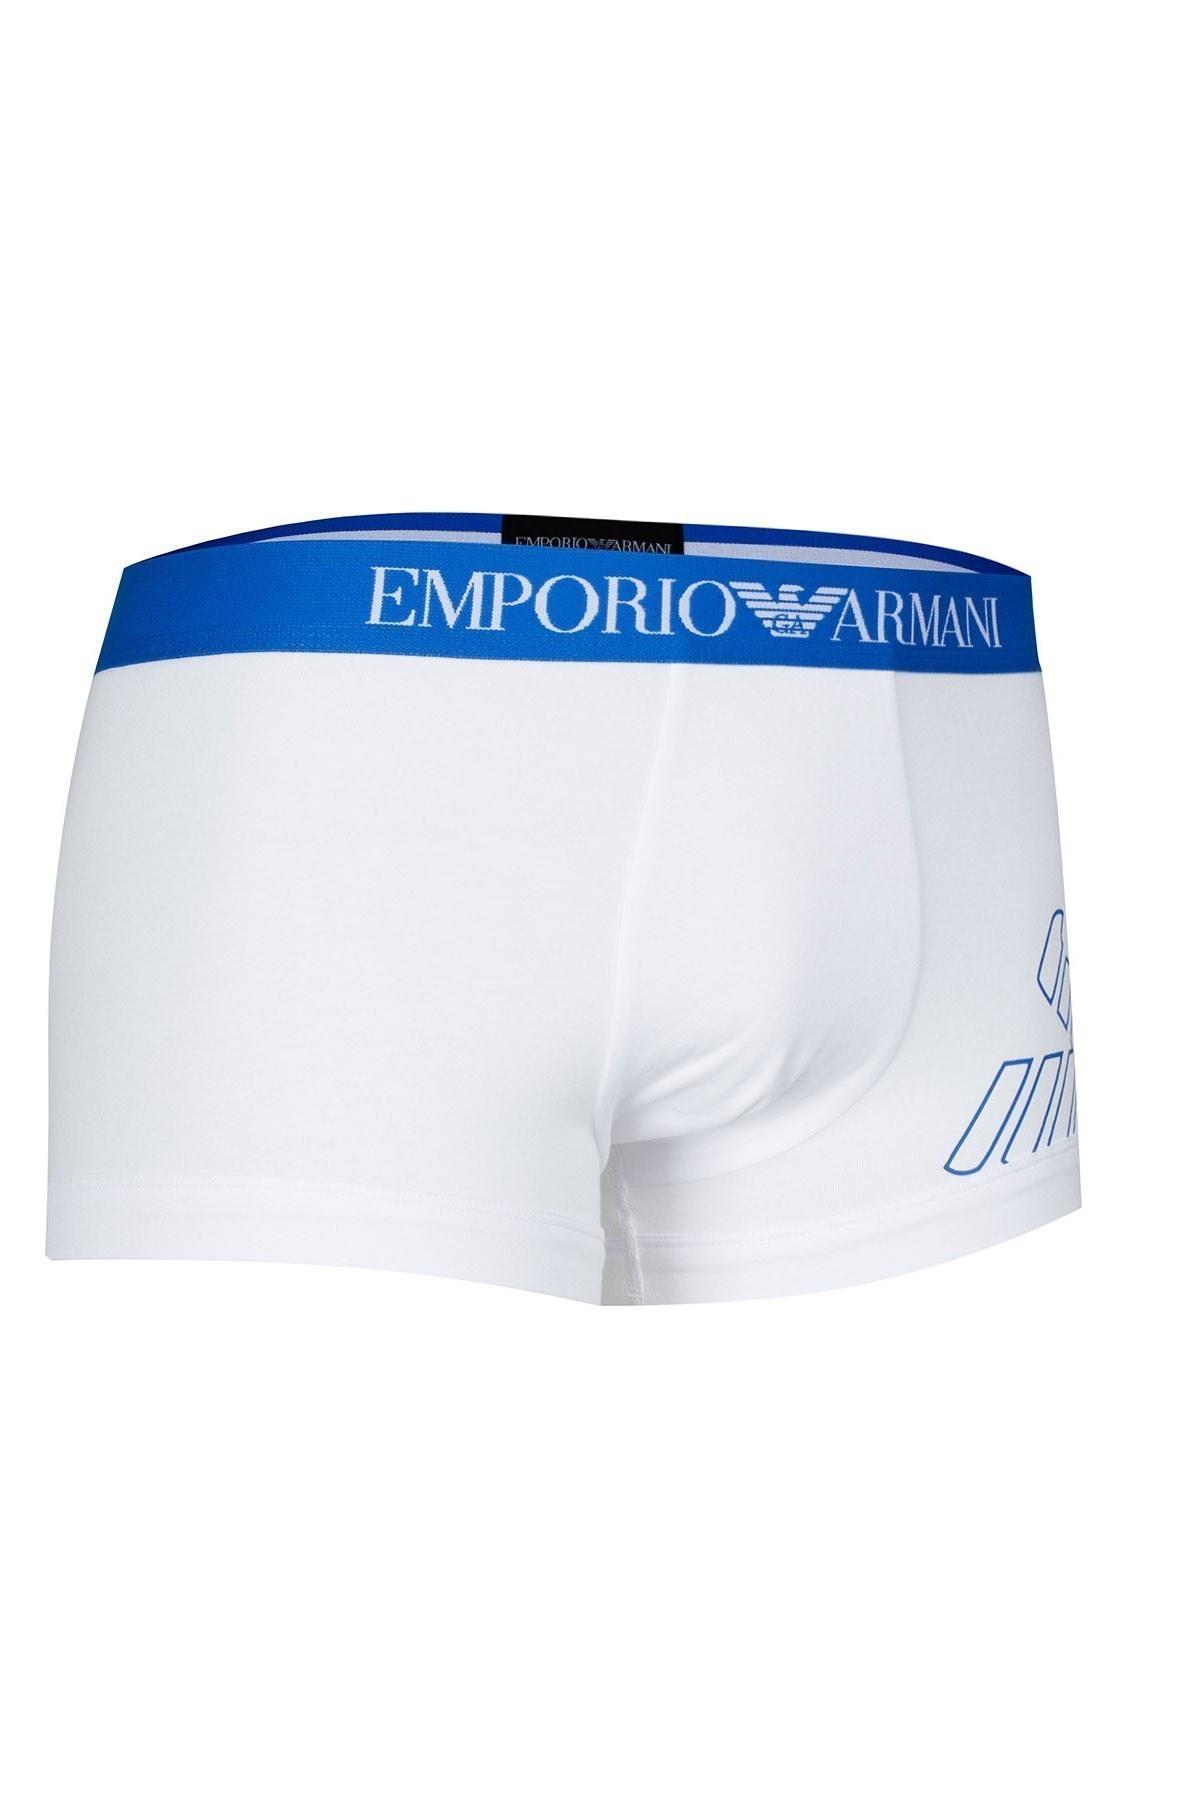 Emporio Armani Erkek Boxer 111389 0P524 00010 BEYAZ